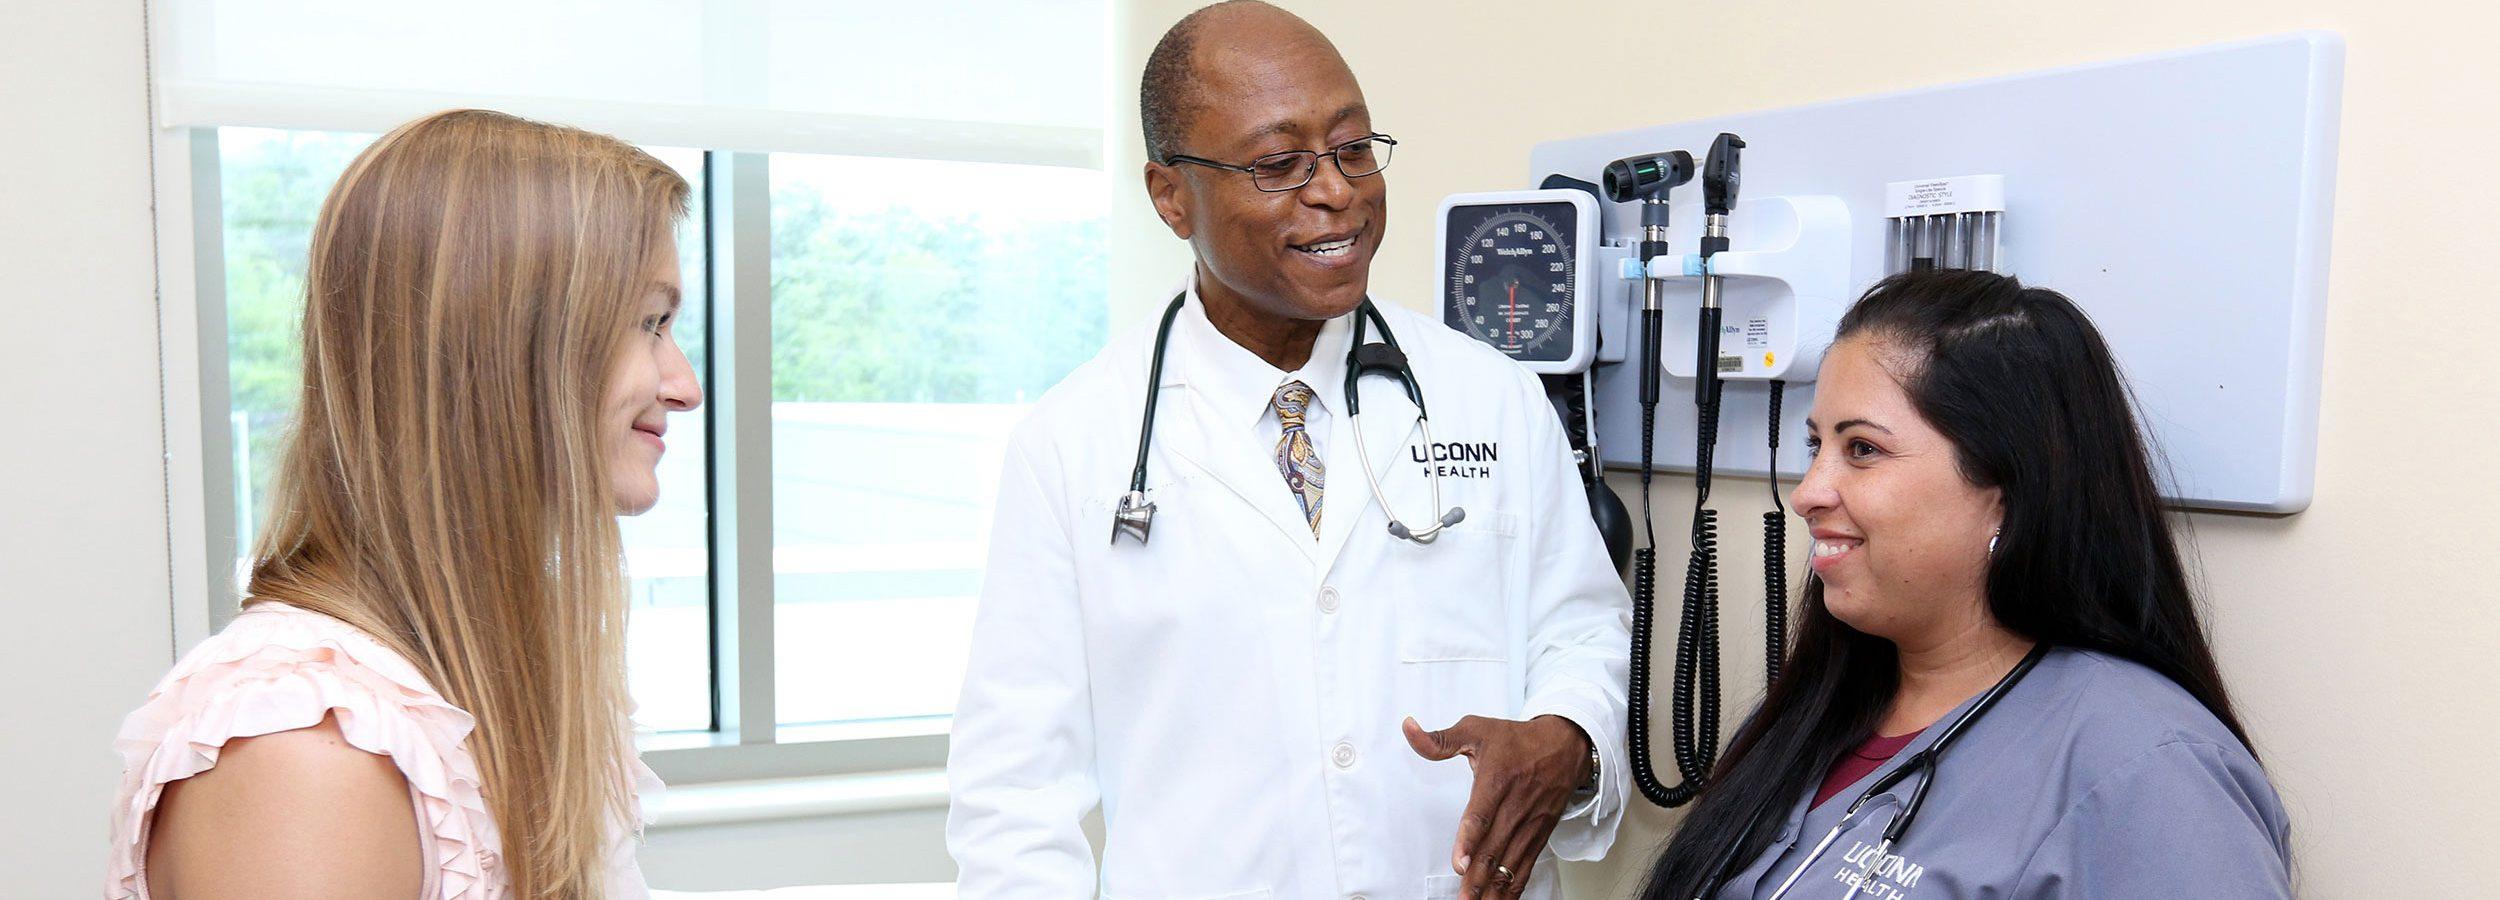 UConn Health Doctor and Nurse at UConn Health